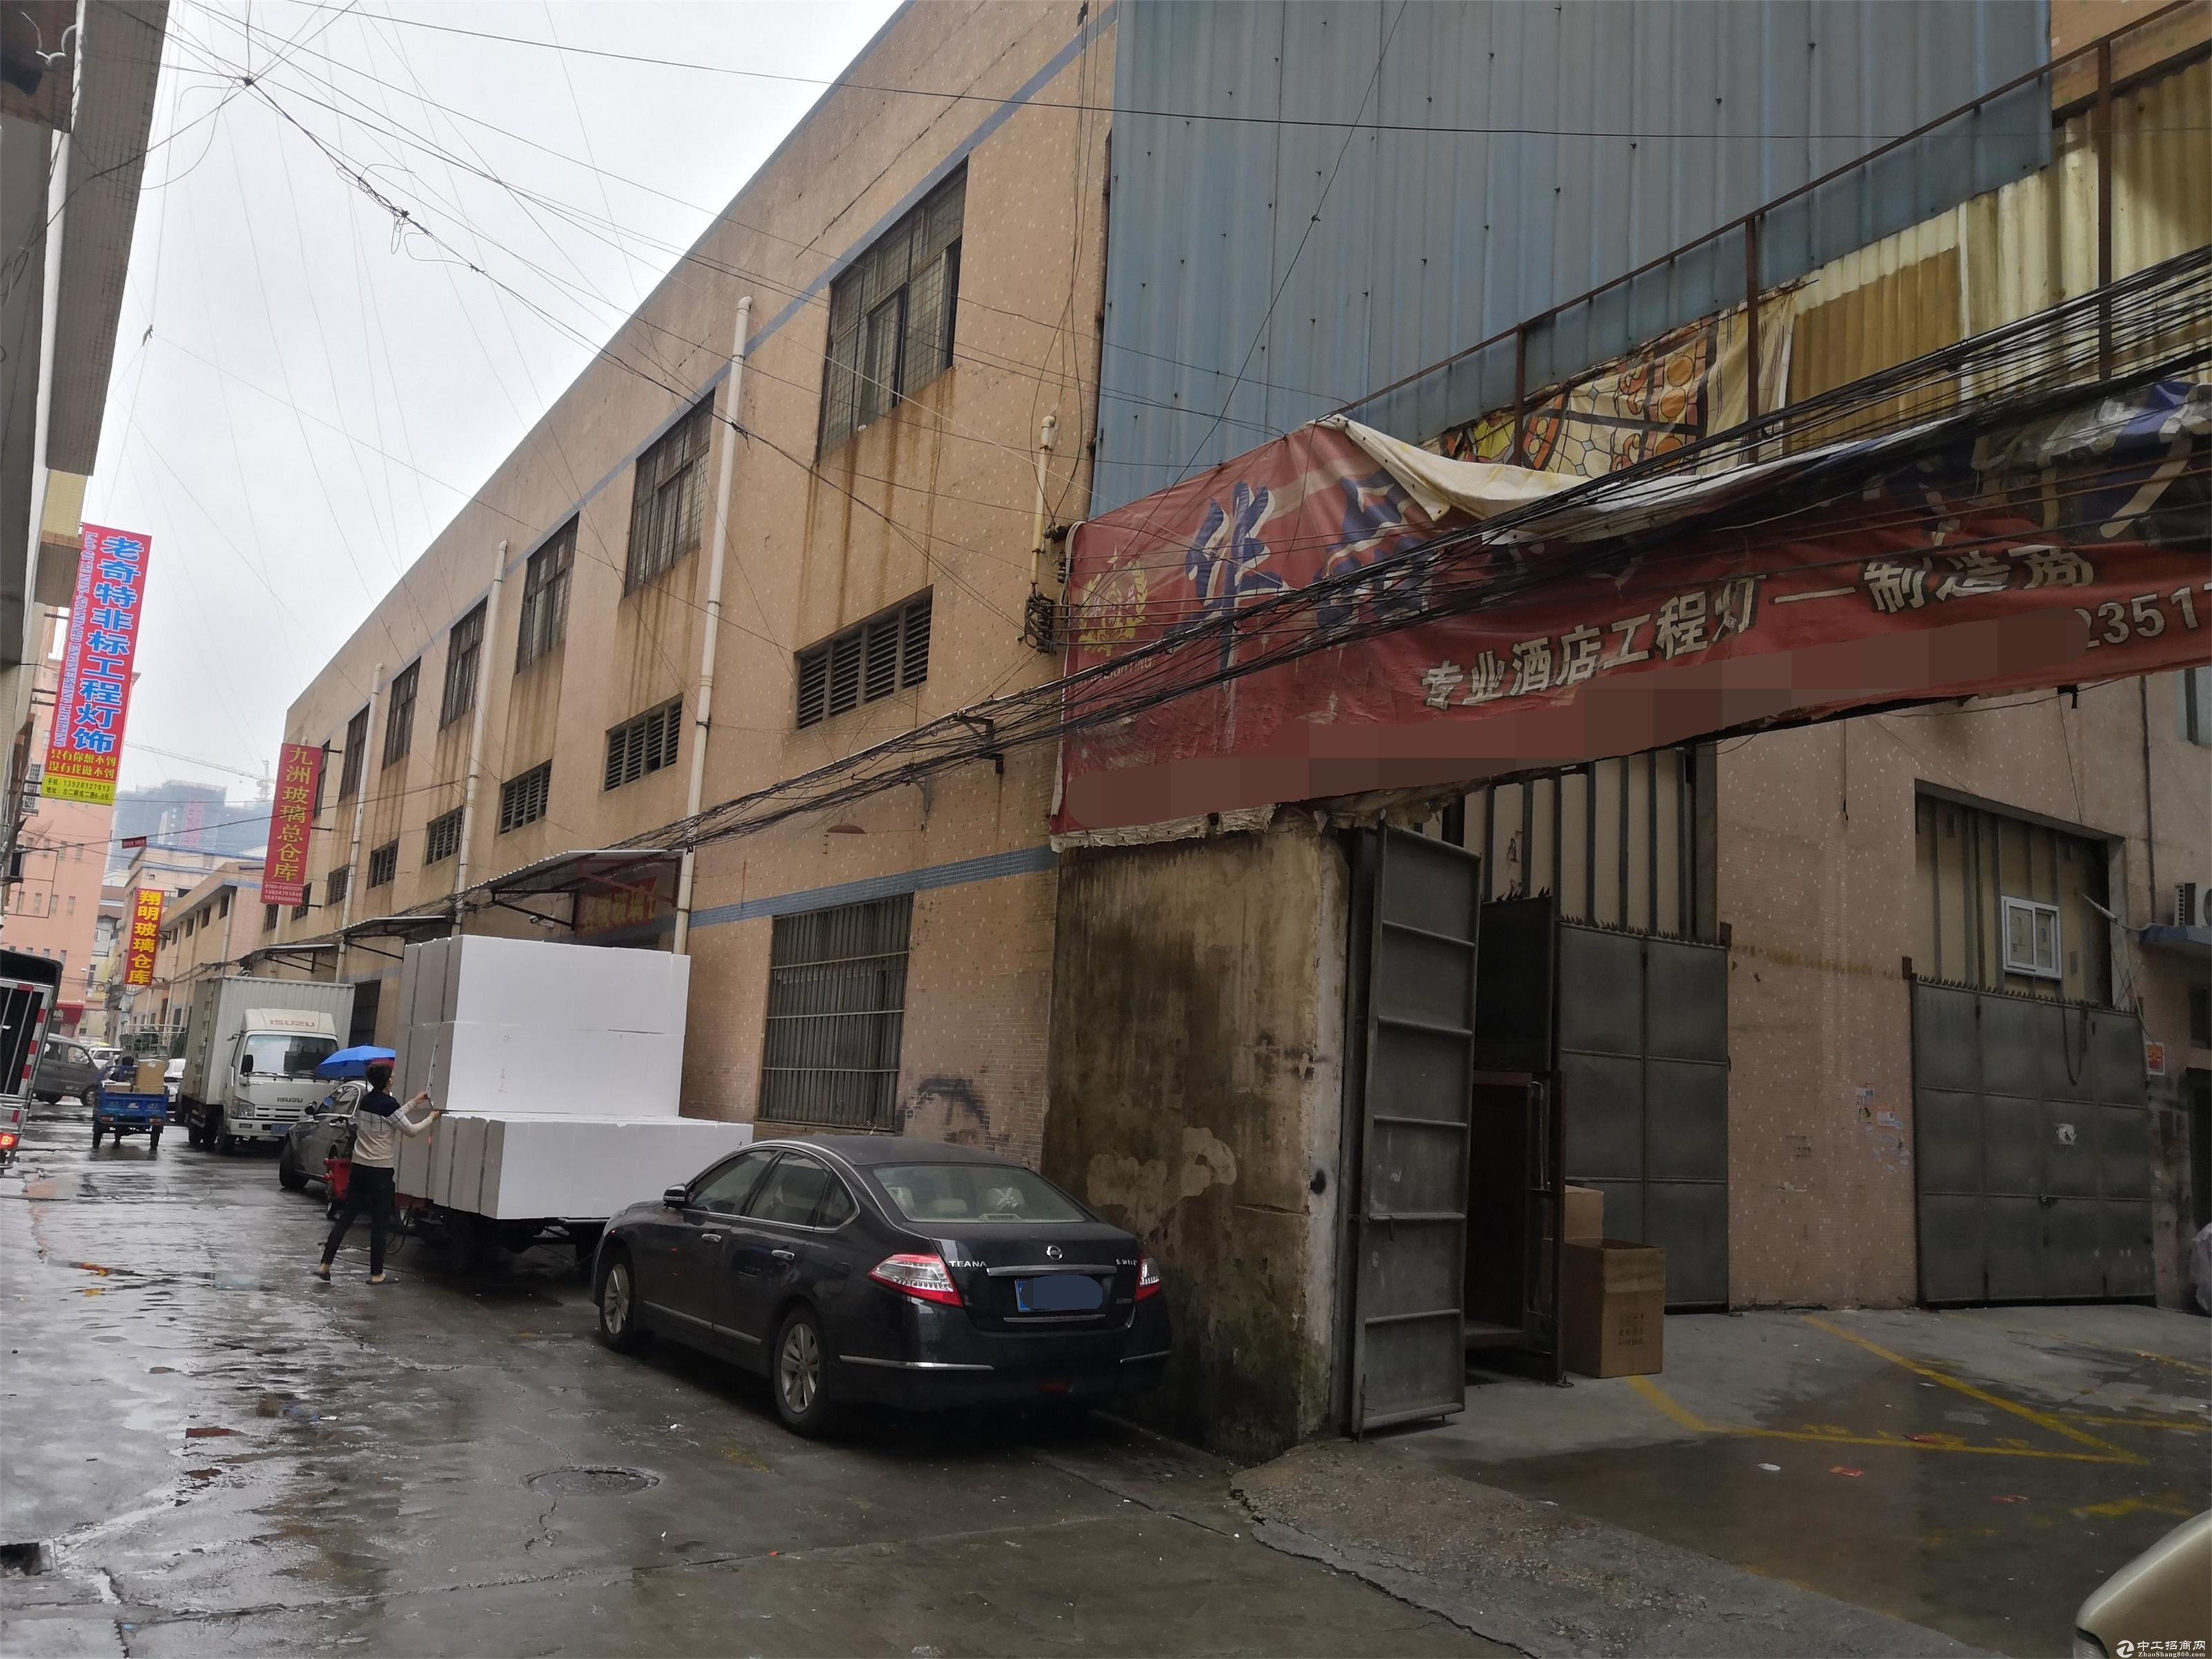 出租古镇古二华星配件城对面带升降梯二楼厂房,离庆丰配件城很近